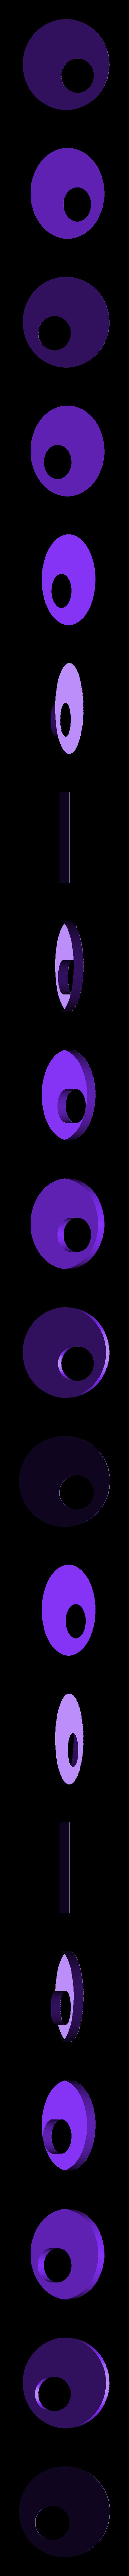 CSS-pupil.stl Télécharger fichier STL gratuit Distributeur de soudure à manivelle à main • Objet imprimable en 3D, Adafruit